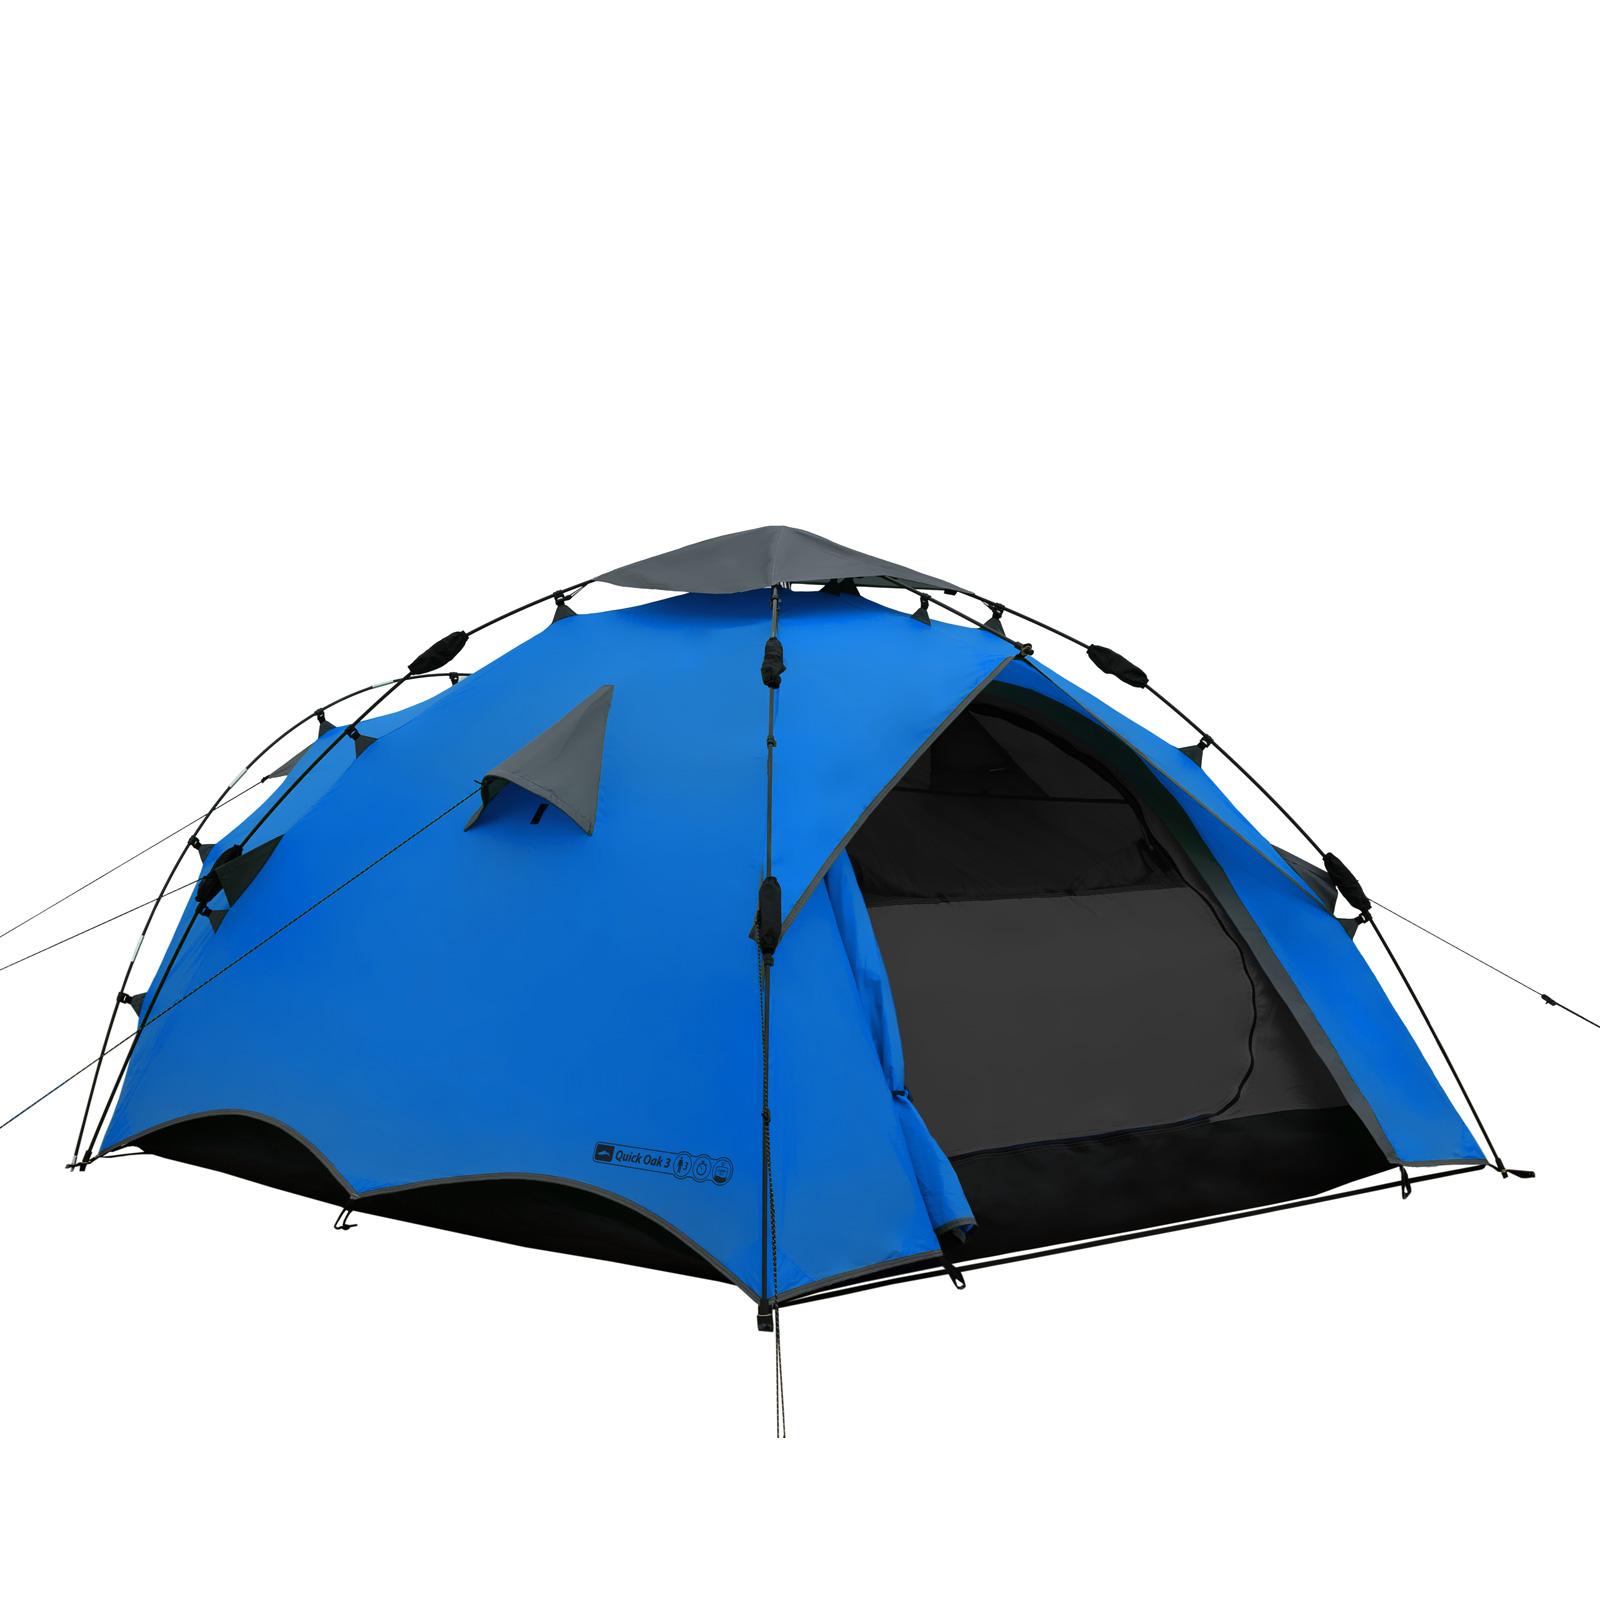 Qeedo Zelt 5 Personen : Qeedo quick oak blau personen campingzelt sekunden zelt